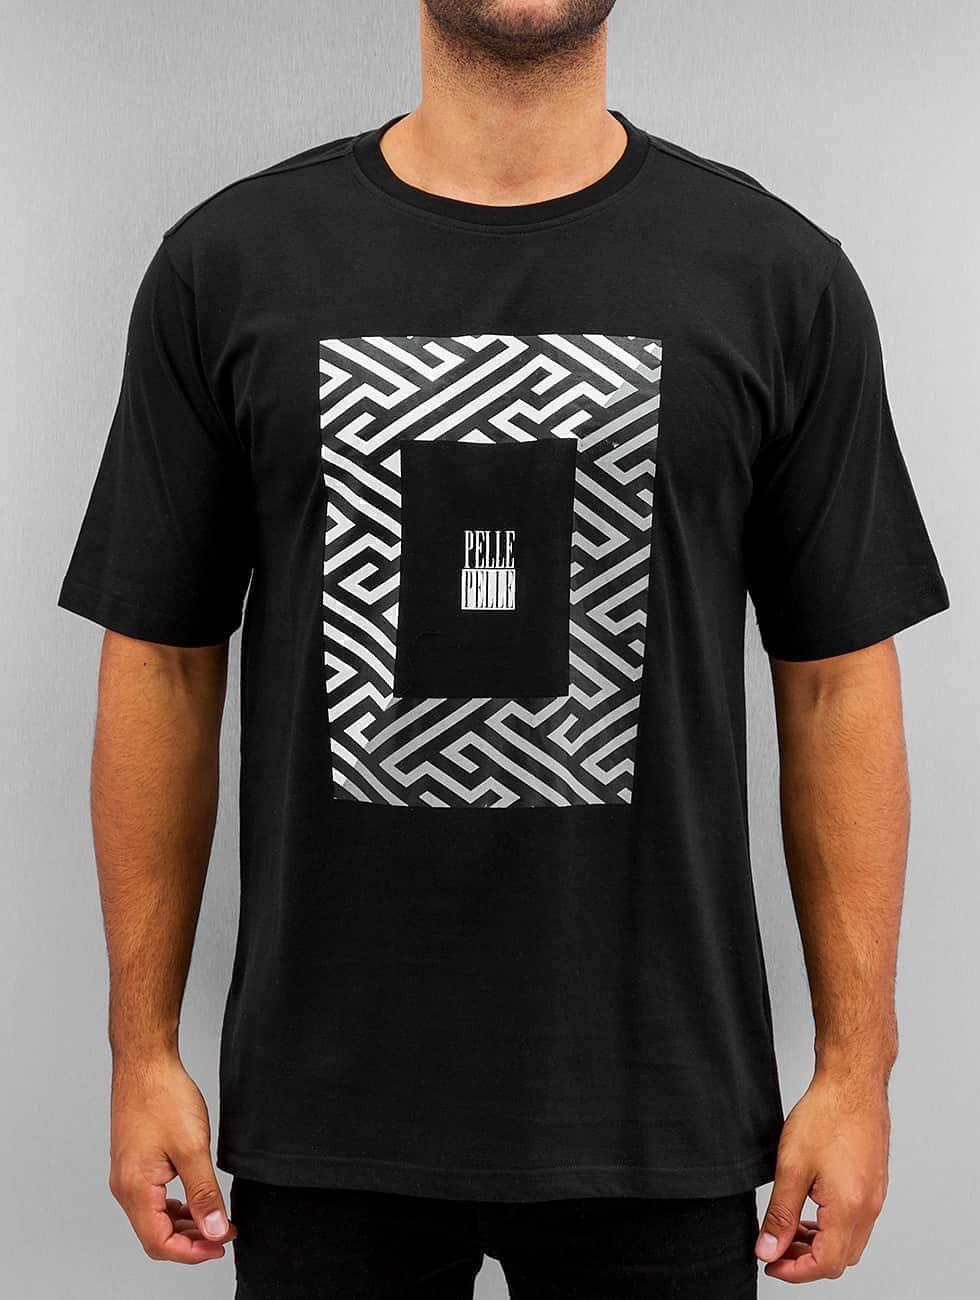 Pelle Pelle T-Shirt Dark Maze schwarz